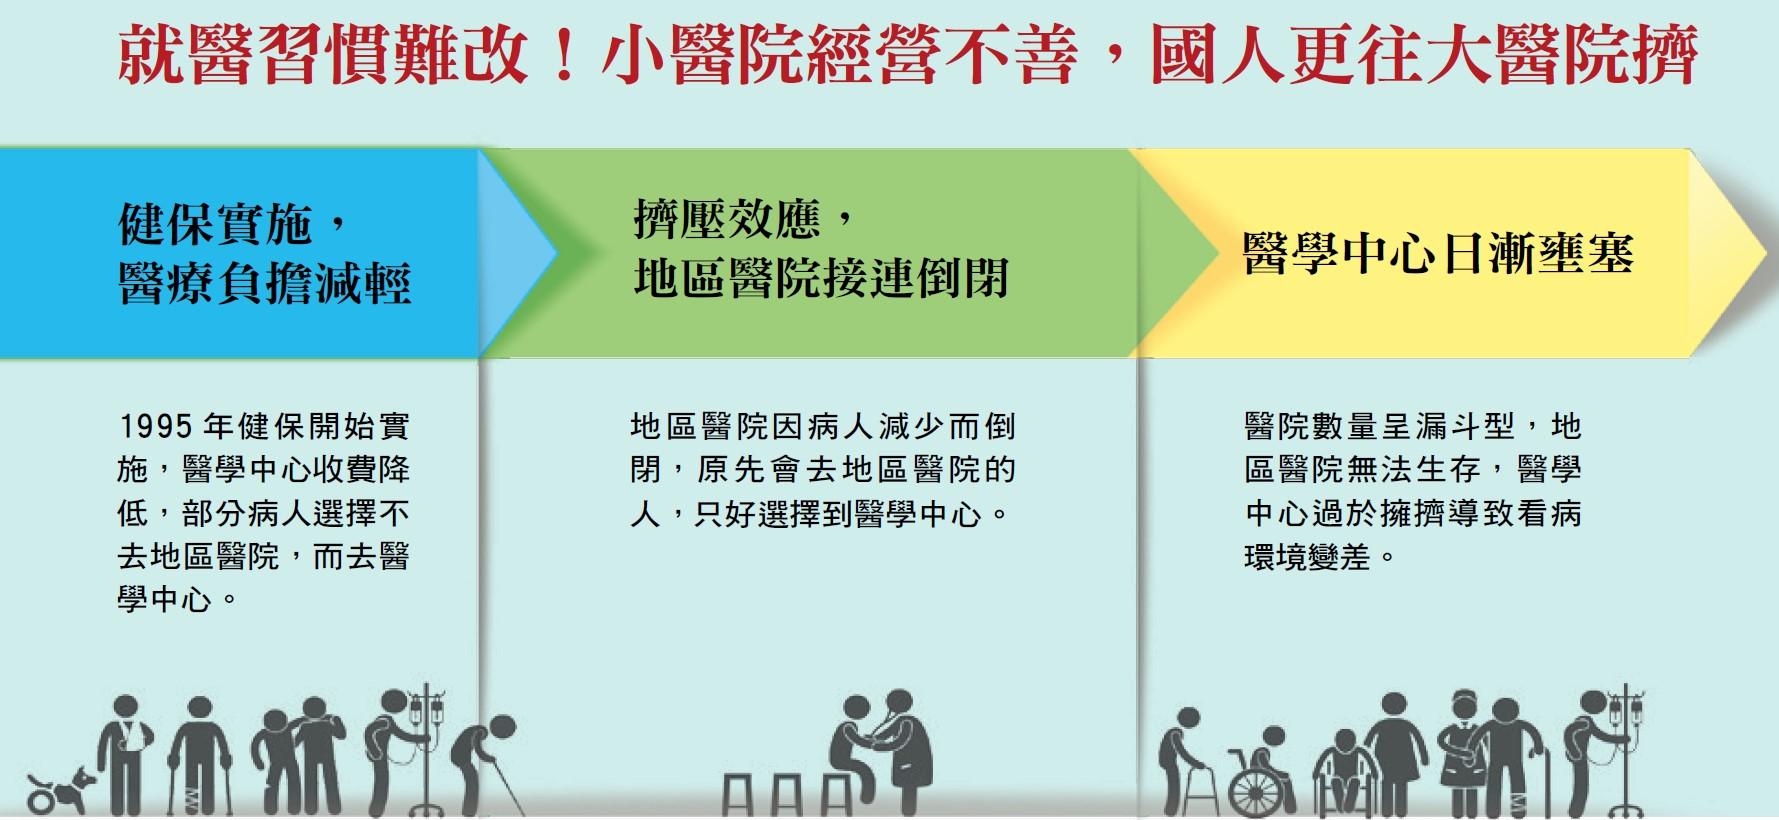 台灣醫療問題